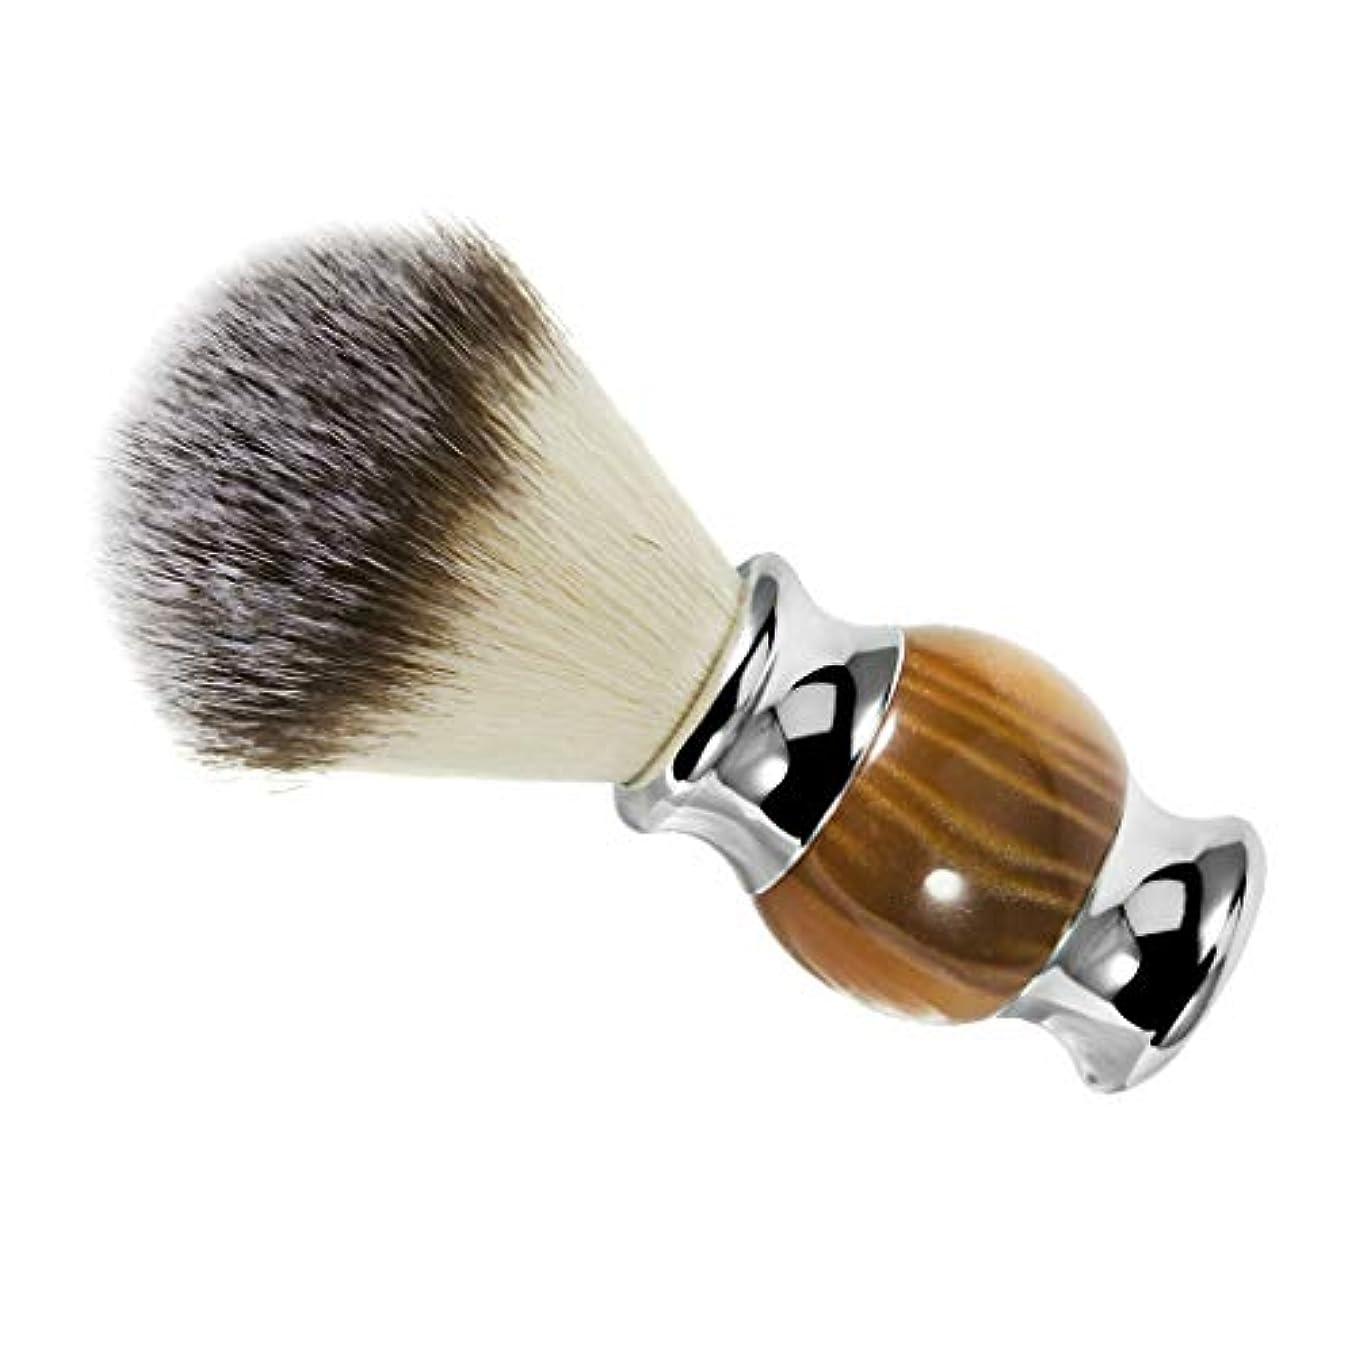 申し込む私回転させるシェービングブラシ ひげ剃りブラシ 口ひげブラシ 理髪サロン 髭剃り ひげ剃り 泡立ち